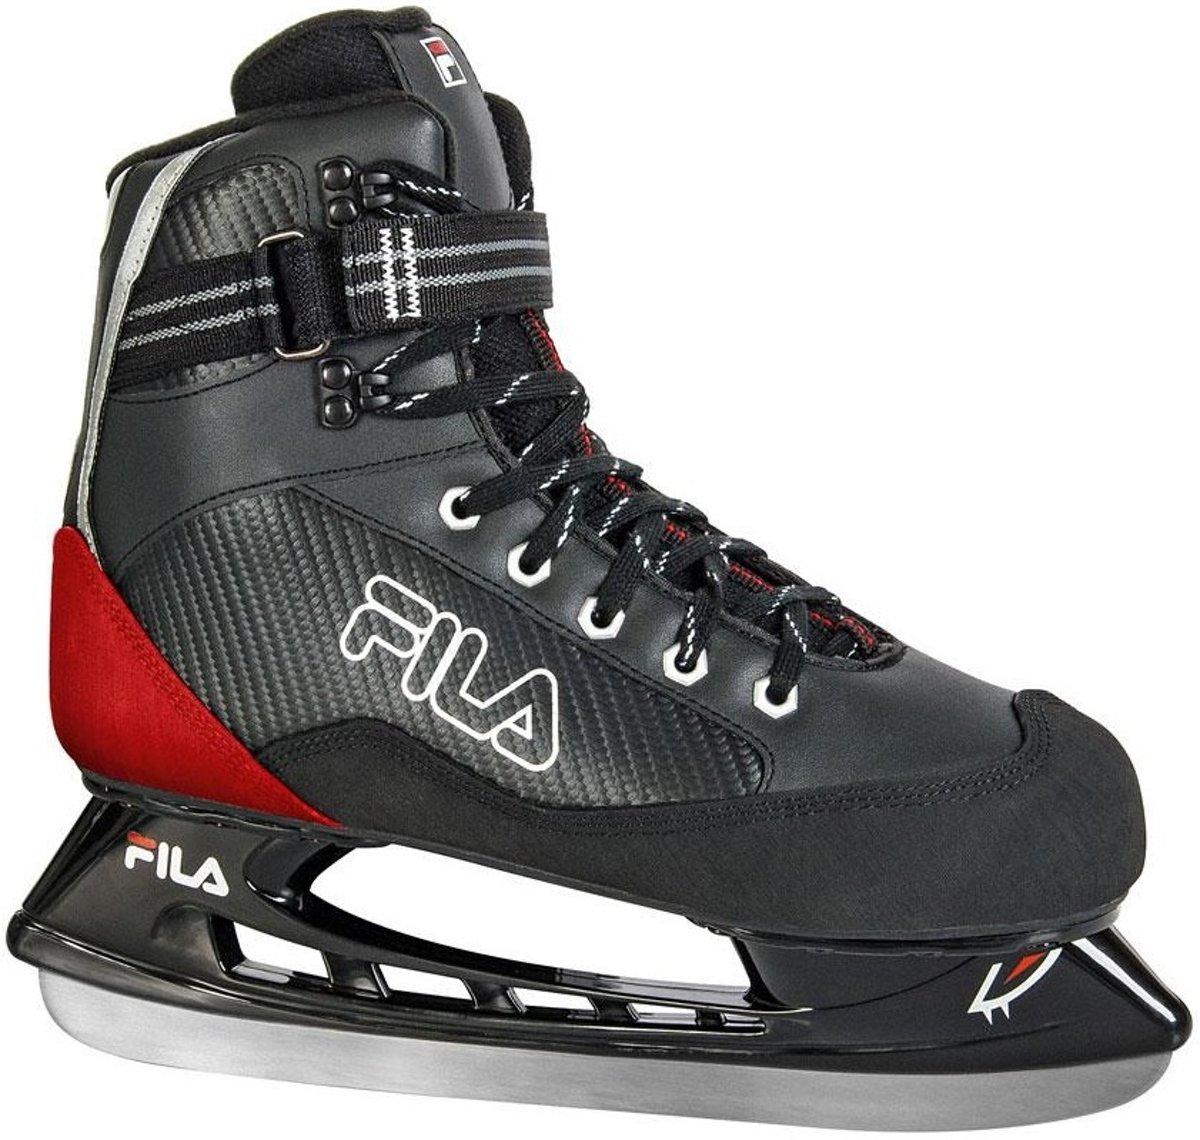 Fila Ijshockeyschaatsen Viper Rtl Heren Zwart Maat 43